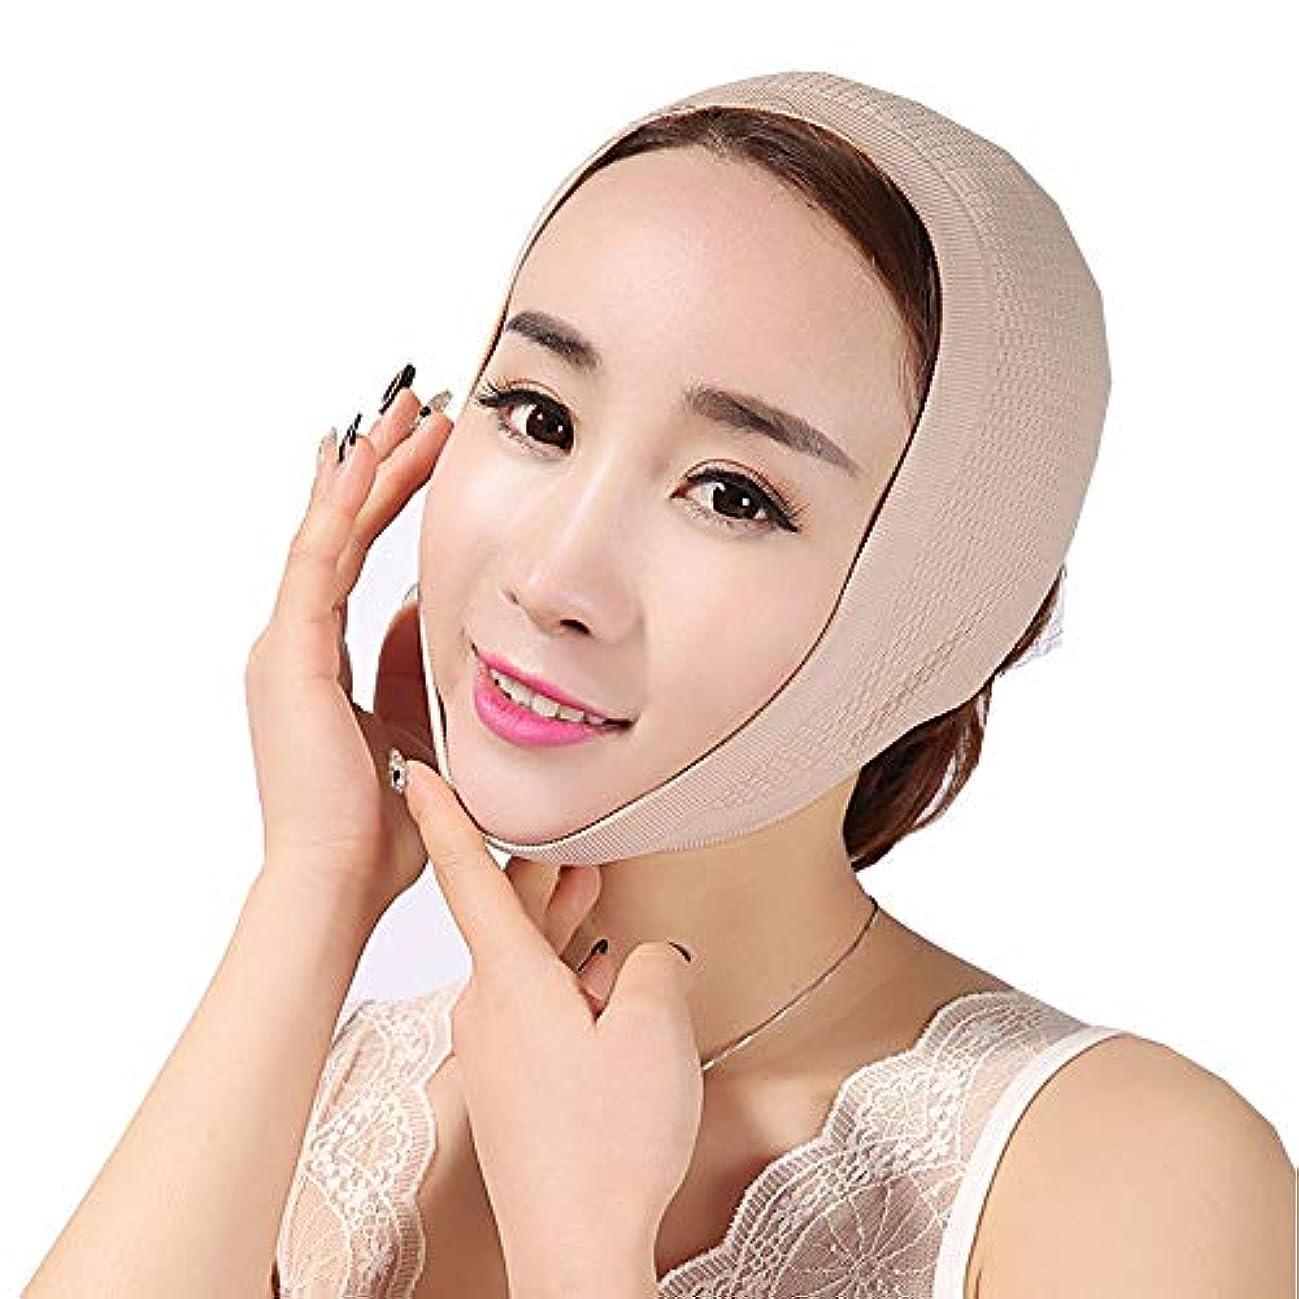 政策最少シリンダーGYZ フェイスマスクで眠る薄い顔フェイスリフトフェイスリフトアーティファクトスモールフェイスVフェイスリフト付きフェイスフェイス包帯引き上げジョーセット Thin Face Belt